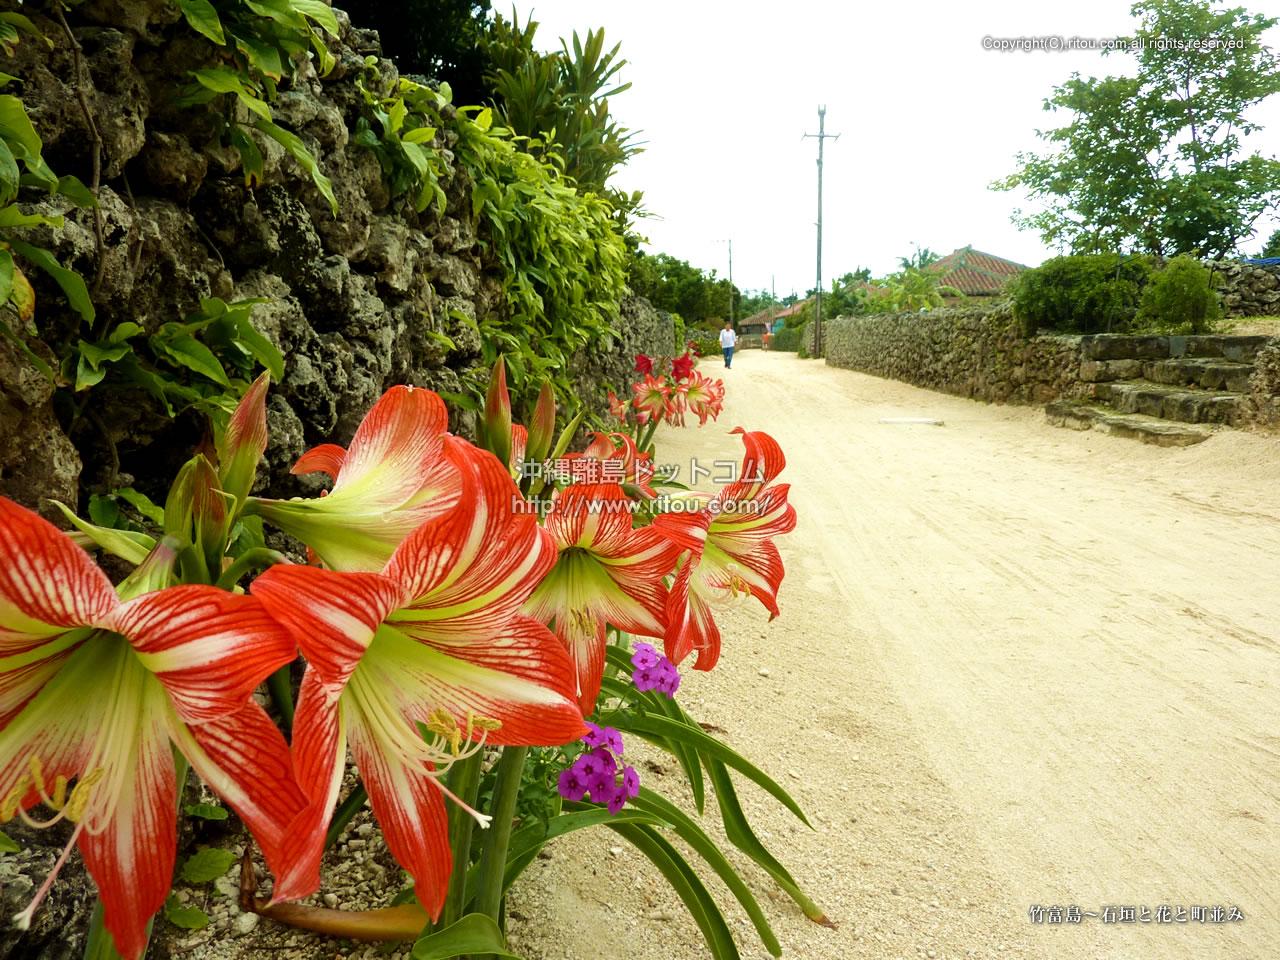 竹富島〜石垣と花と町並み